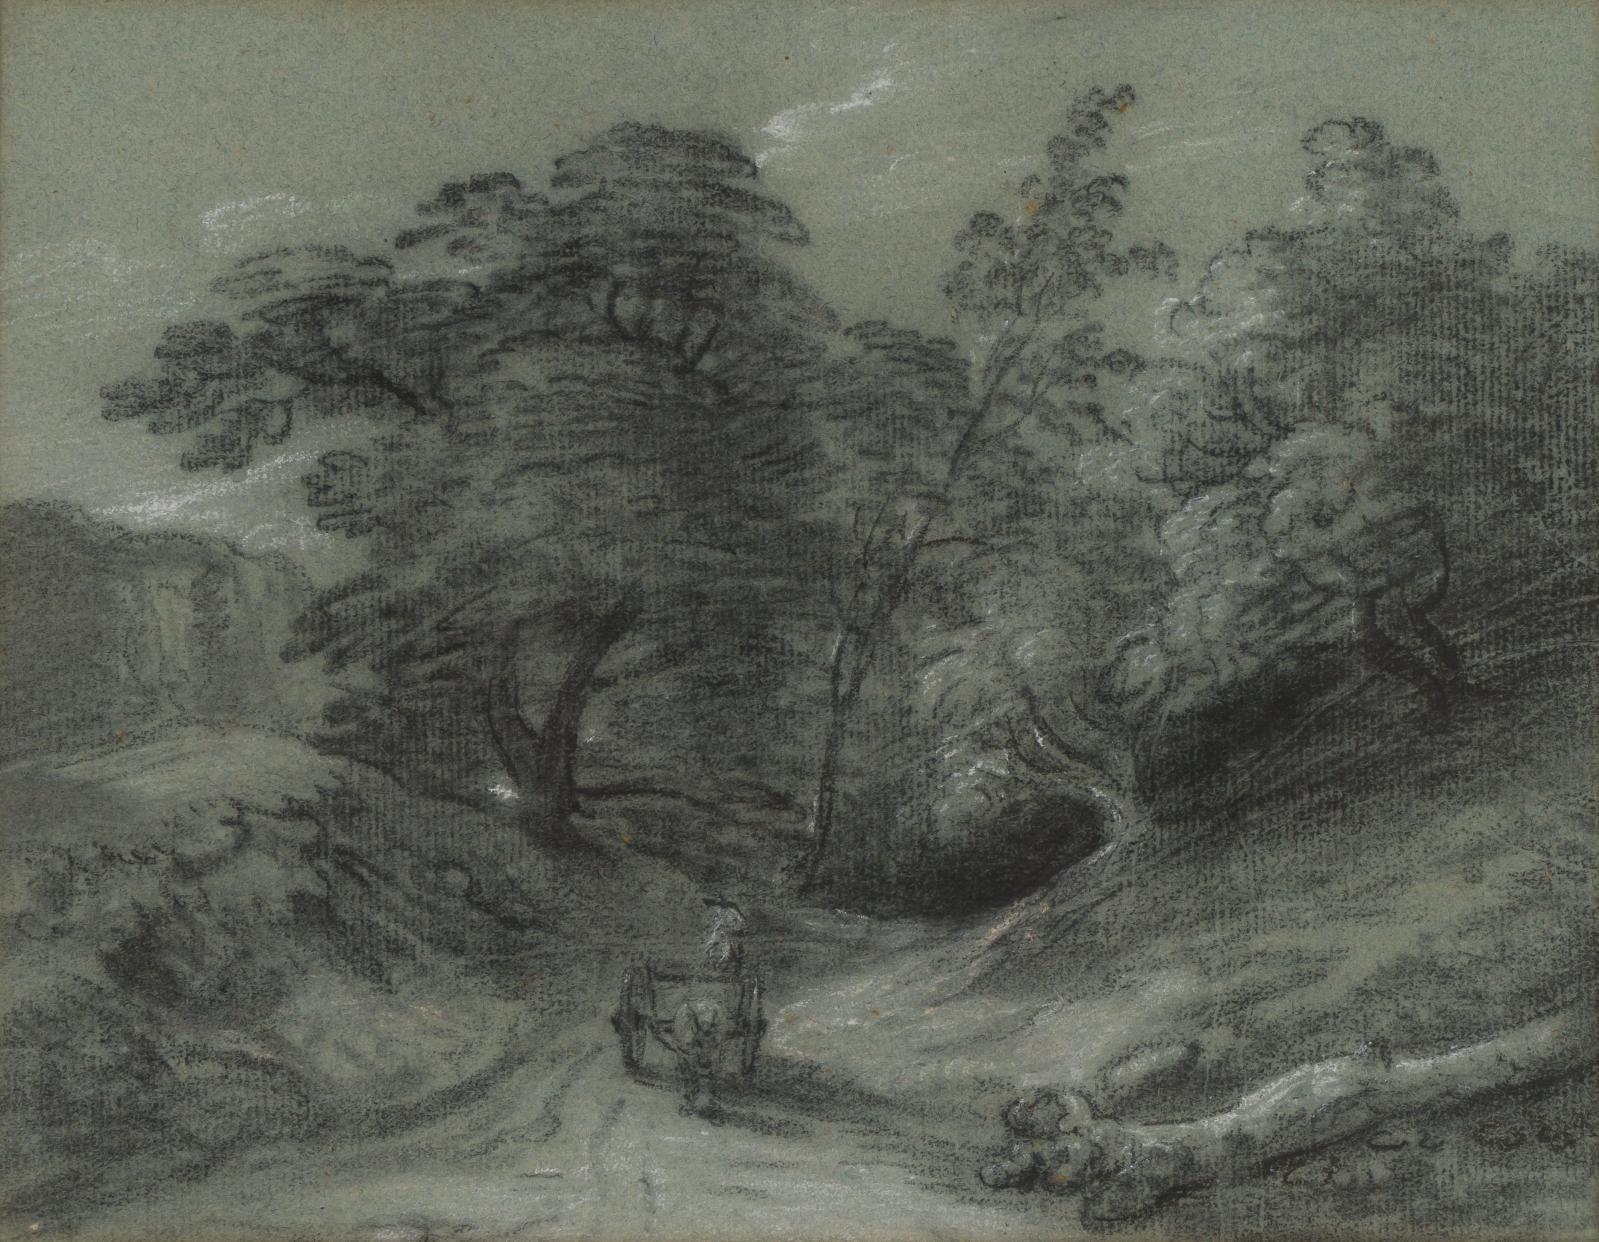 Thomas Gainsborough(1727-1788), La Charrette dans le chemin creux, pierre noire et rehauts de craie blanche sur papier bleu, 21,5x28,2